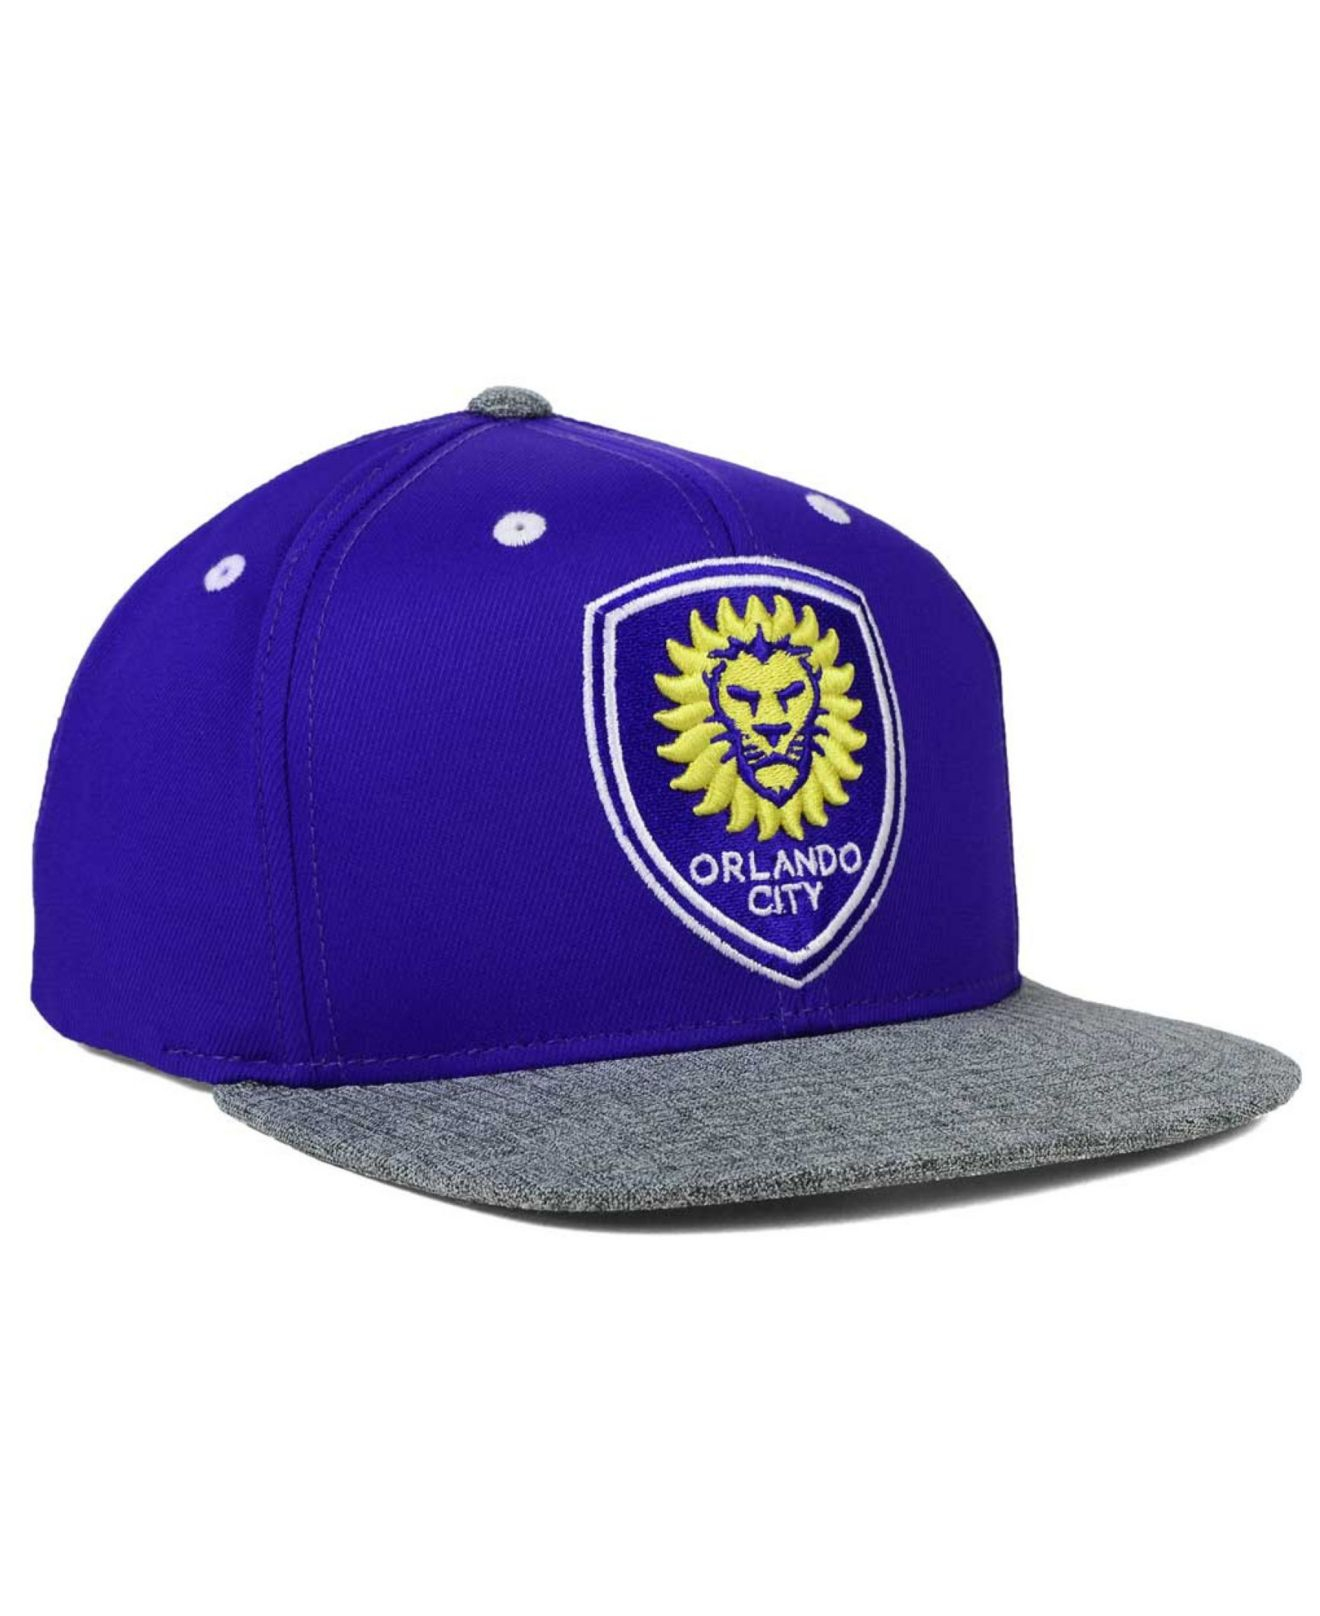 Gorra Lyst Orlando Adidas Lyst Orlando City para Sc Snapback en color morado para hombre 0a3983e - antibiotikaamning.website